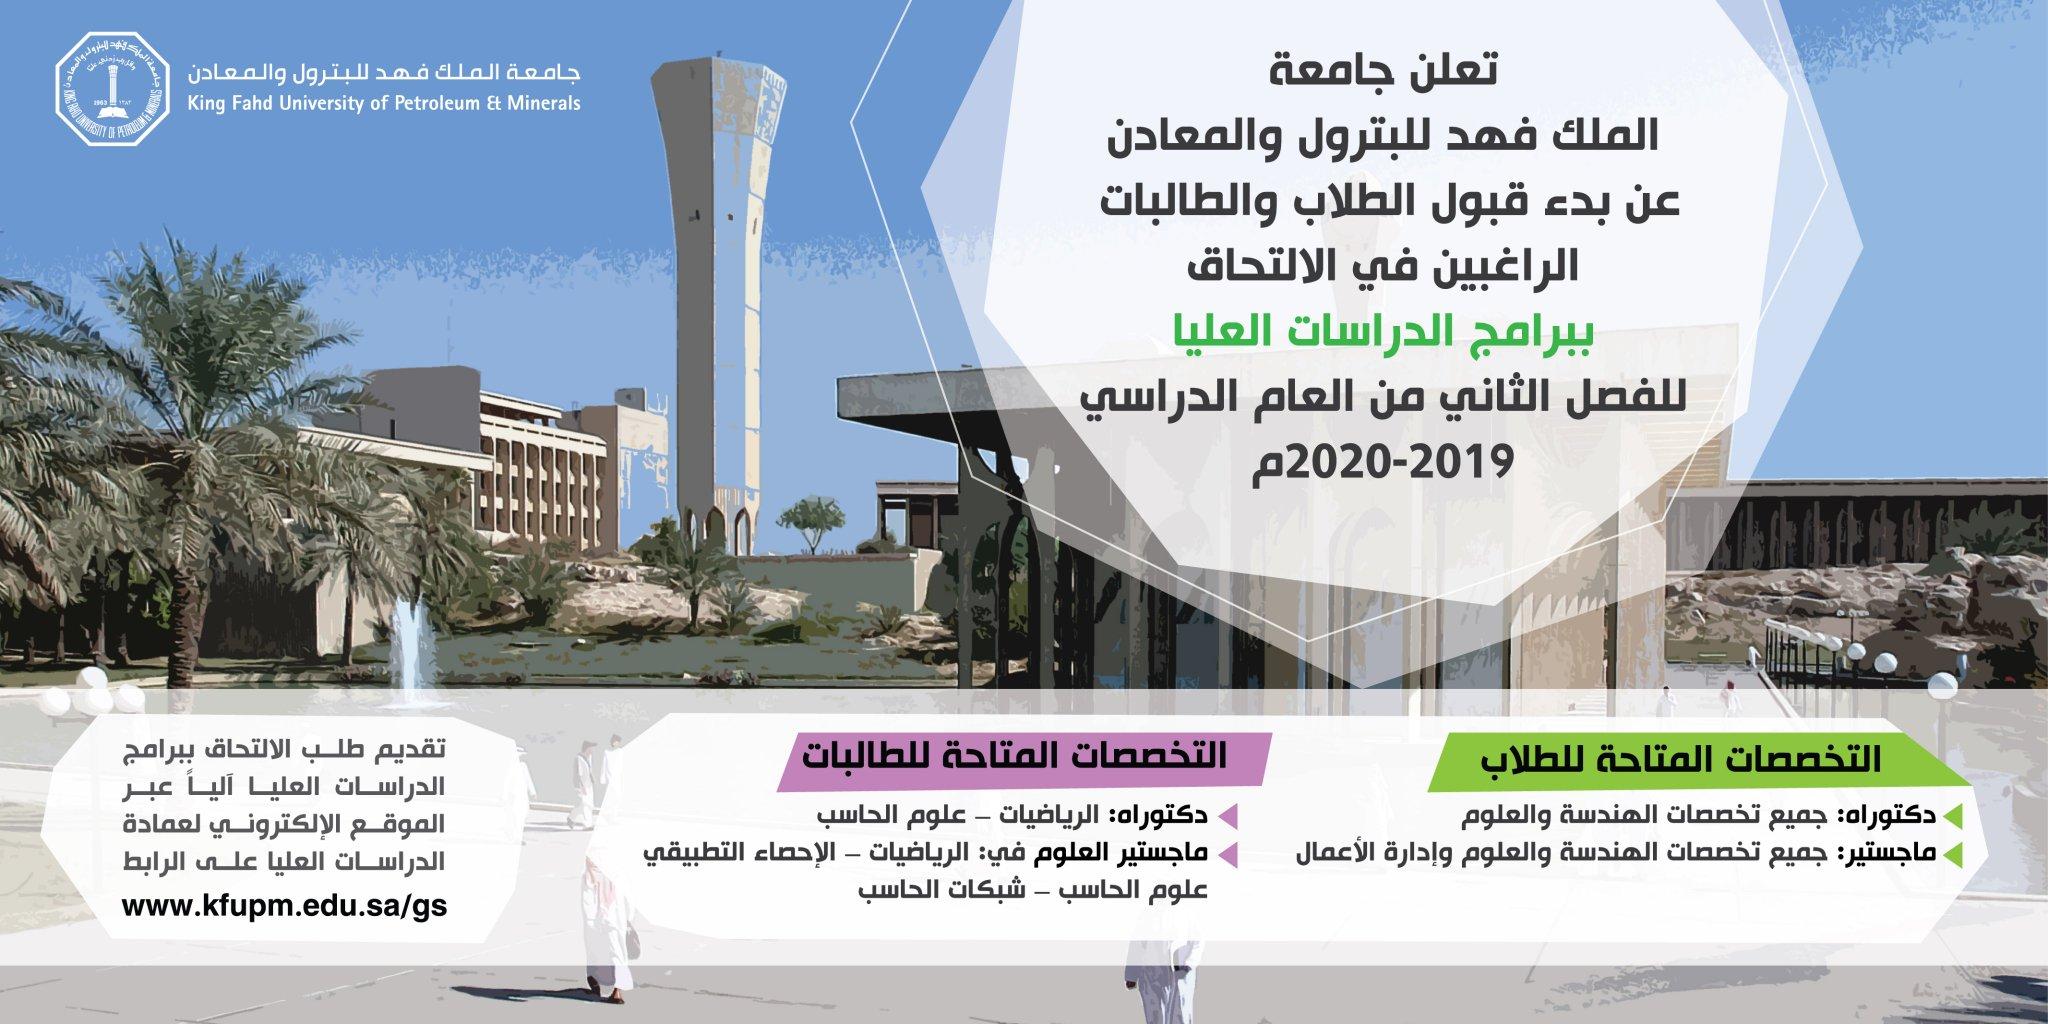 جامعة الملك فهد للبترول والمعادن Kfupm On Twitter يسر